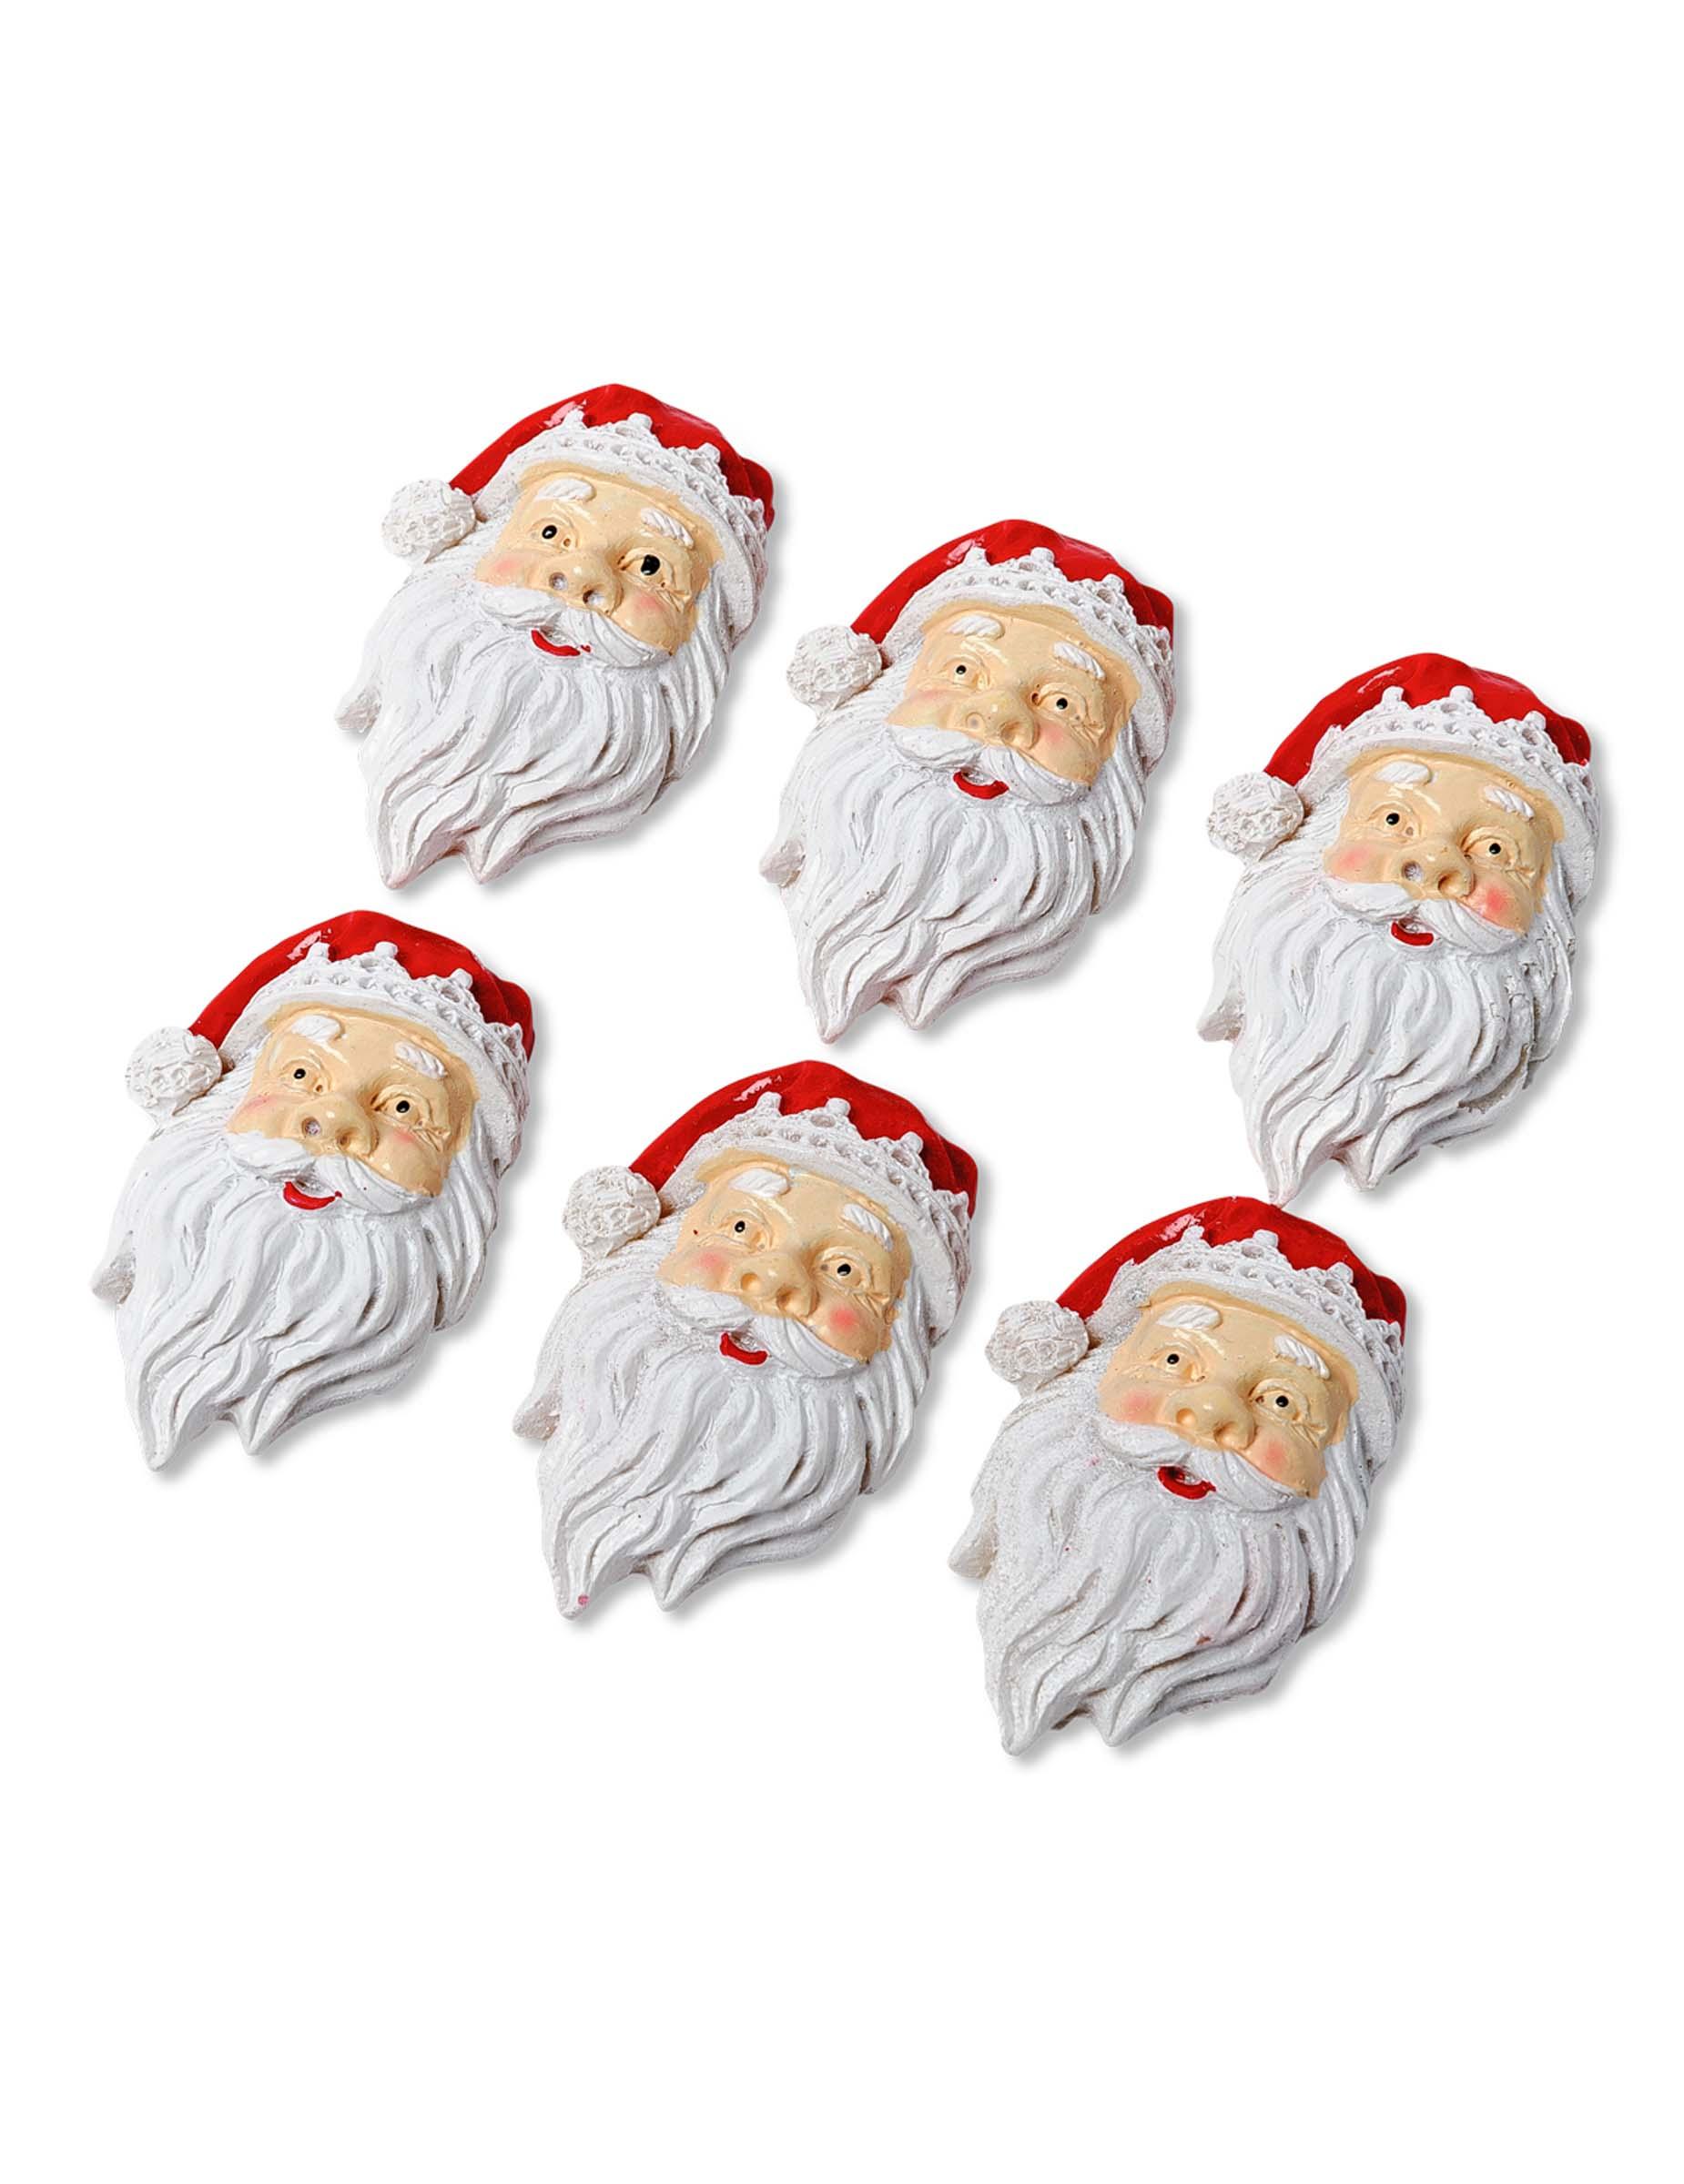 kleine weihnachtsmannk pfe zum aufkleben partydeko und g nstige faschingskost me vegaoo. Black Bedroom Furniture Sets. Home Design Ideas